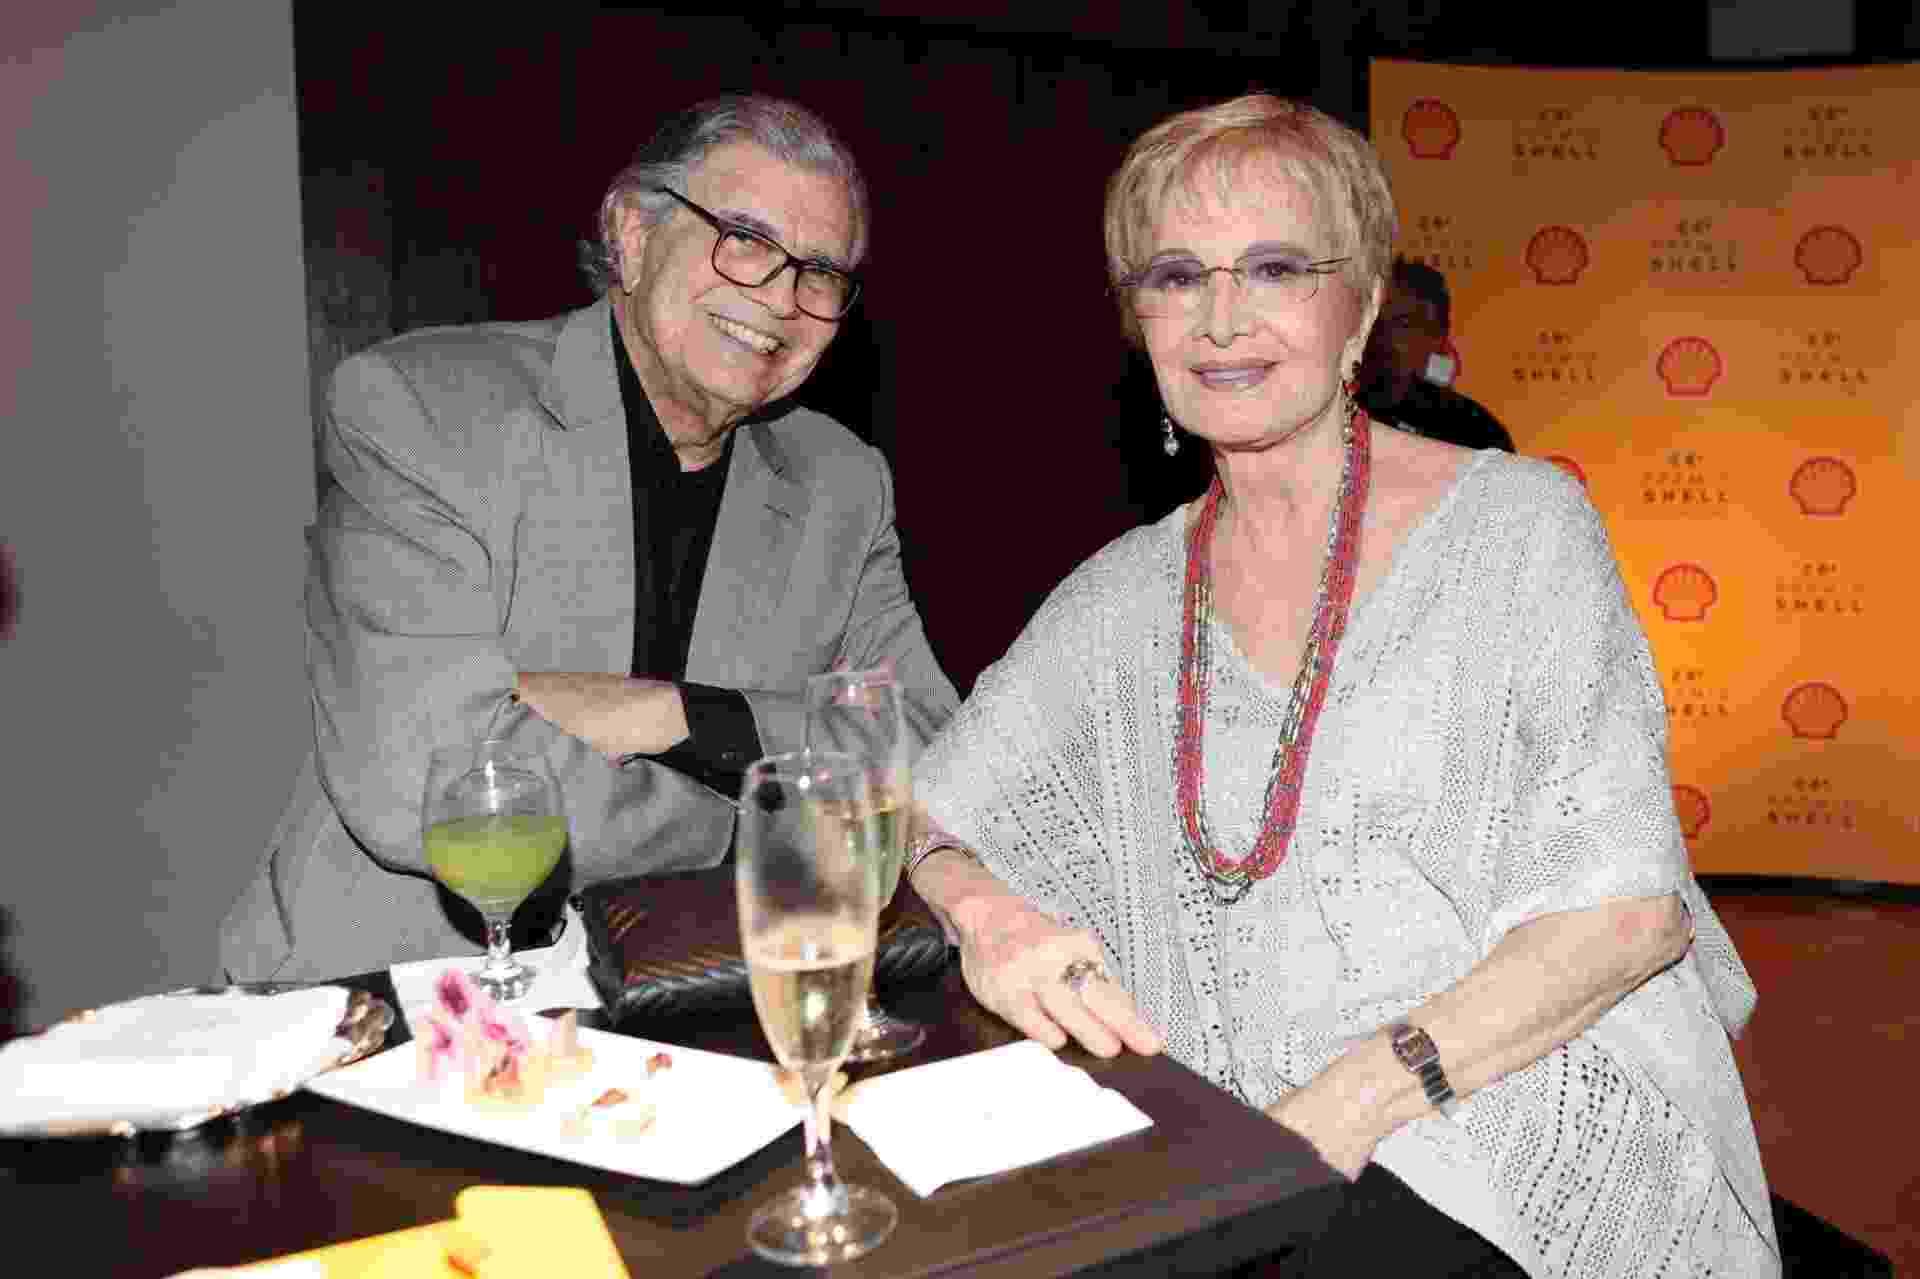 22.mar.2016 - O casal Tarcísio Meira e Glória Menezes na 28ª edição do Prêmio Shell de Teatro, em São Paulo - Rafael Cusato/Brazil News